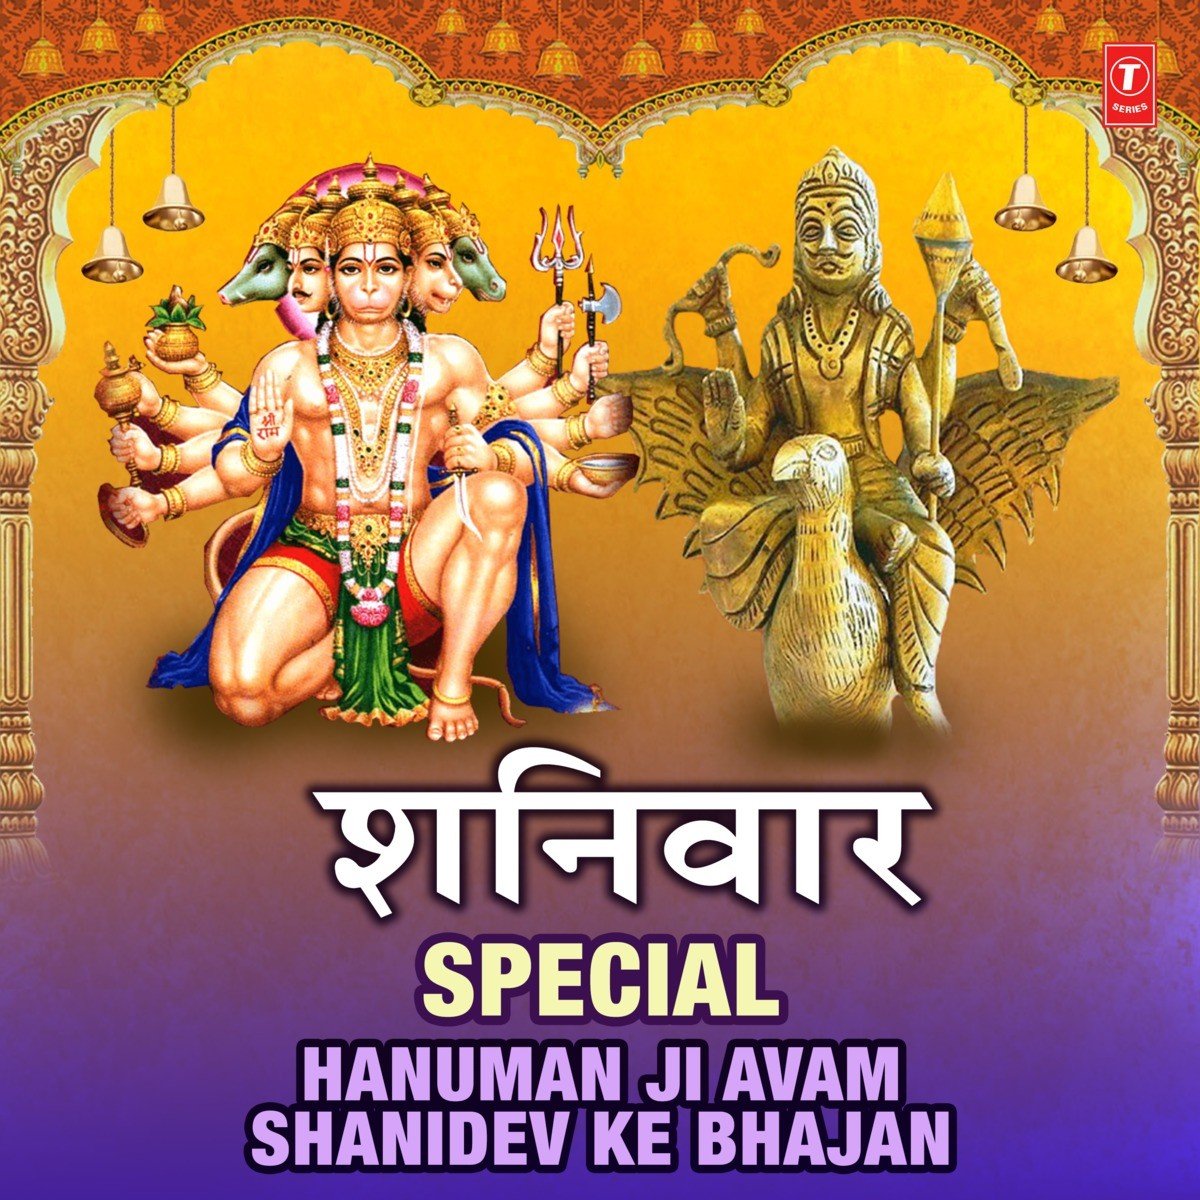 Sankatmochan Hanuman Ashtak From Hanuman Ashtak Shree Hanuman Chalisa Mp3 Song Download Shaniwar Special Hanuman Ji Avam Shanidev Ke Bhajan Sankatmochan Hanuman Ashtak From Hanuman Ashtak Shree Hanuman Chalisa Song By Shivay Vyas On